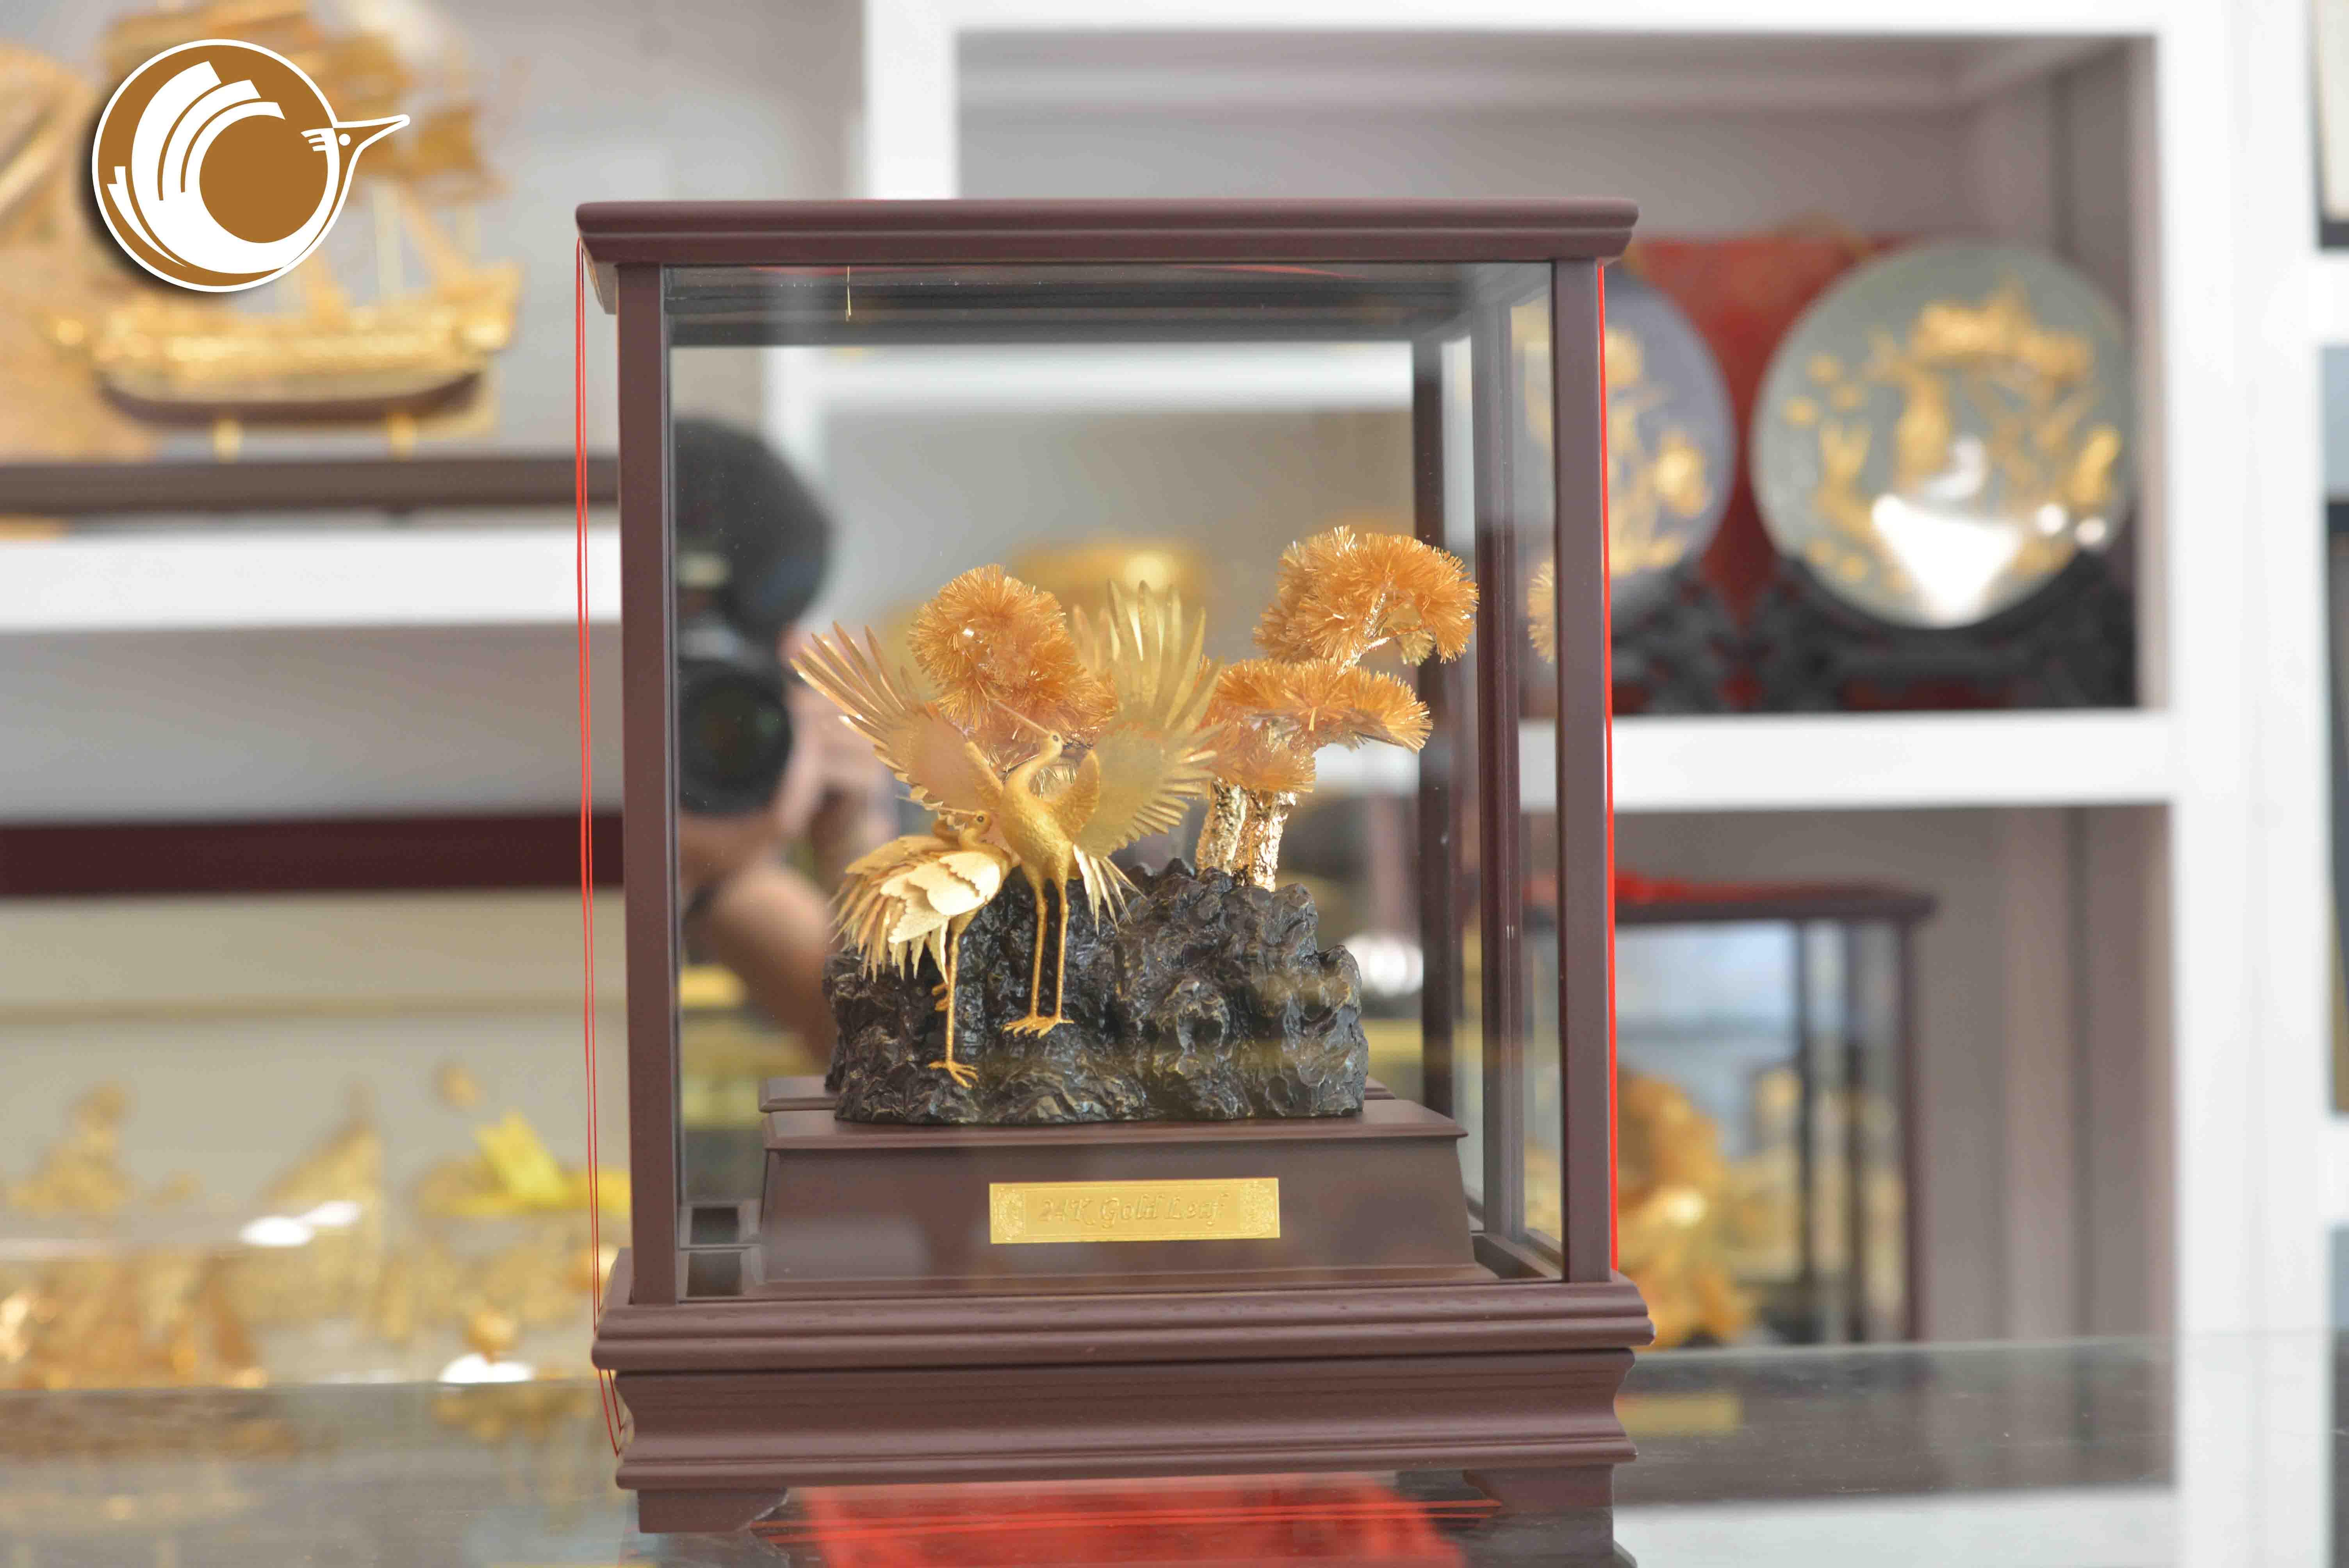 Địa chỉ bán biểu trưng chim hạc bằng đồng mạ vàng